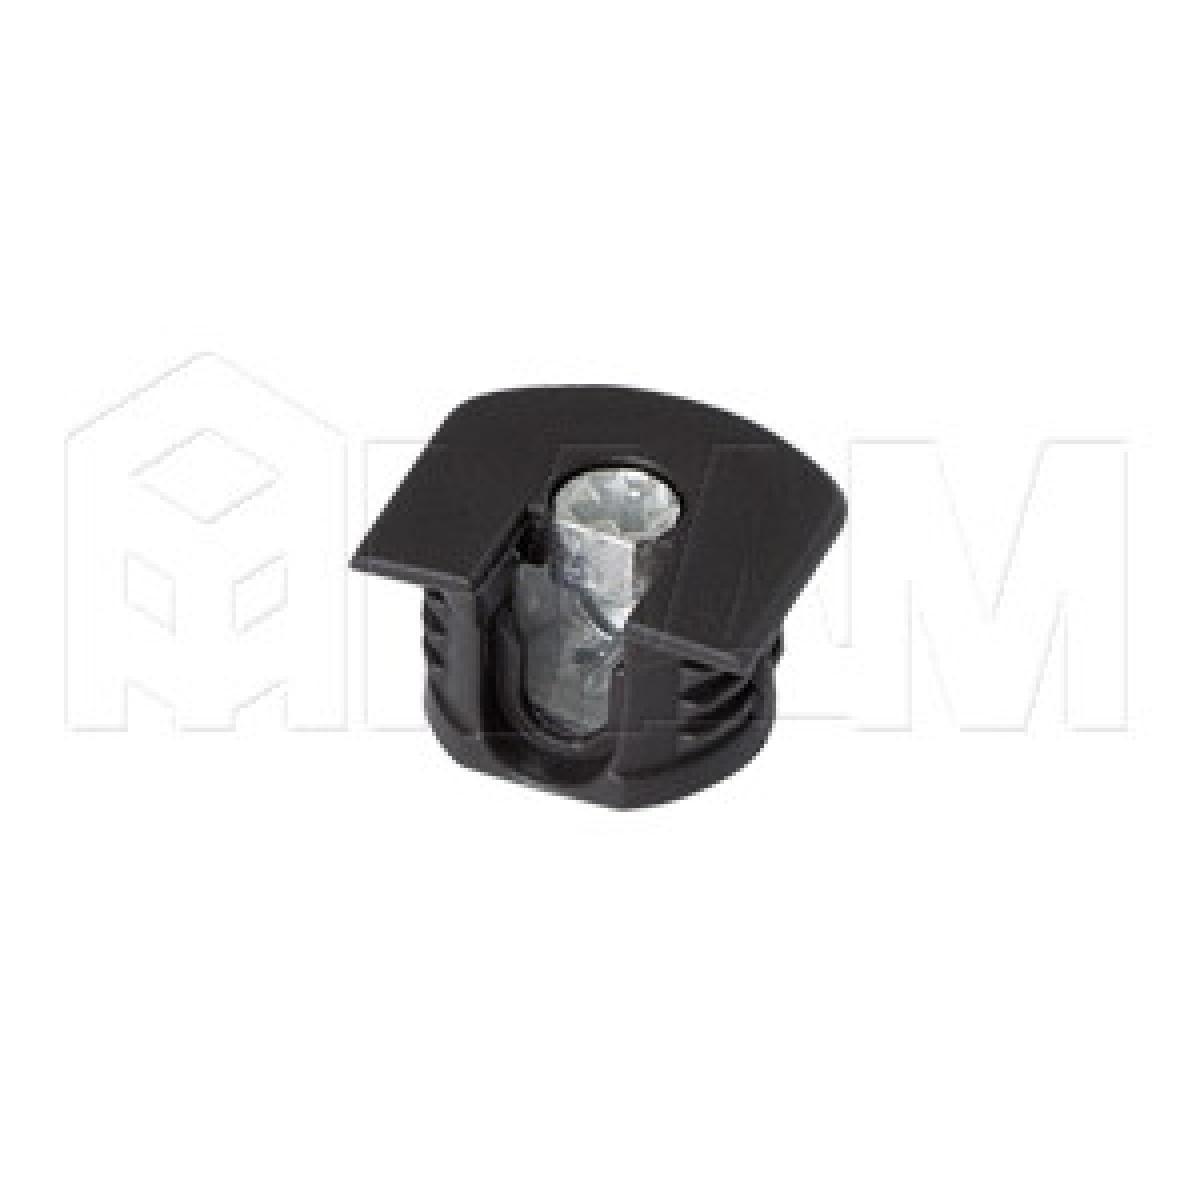 Эксцентрик усиленный в пластиковом корпусе 16 мм с бортиком, черный